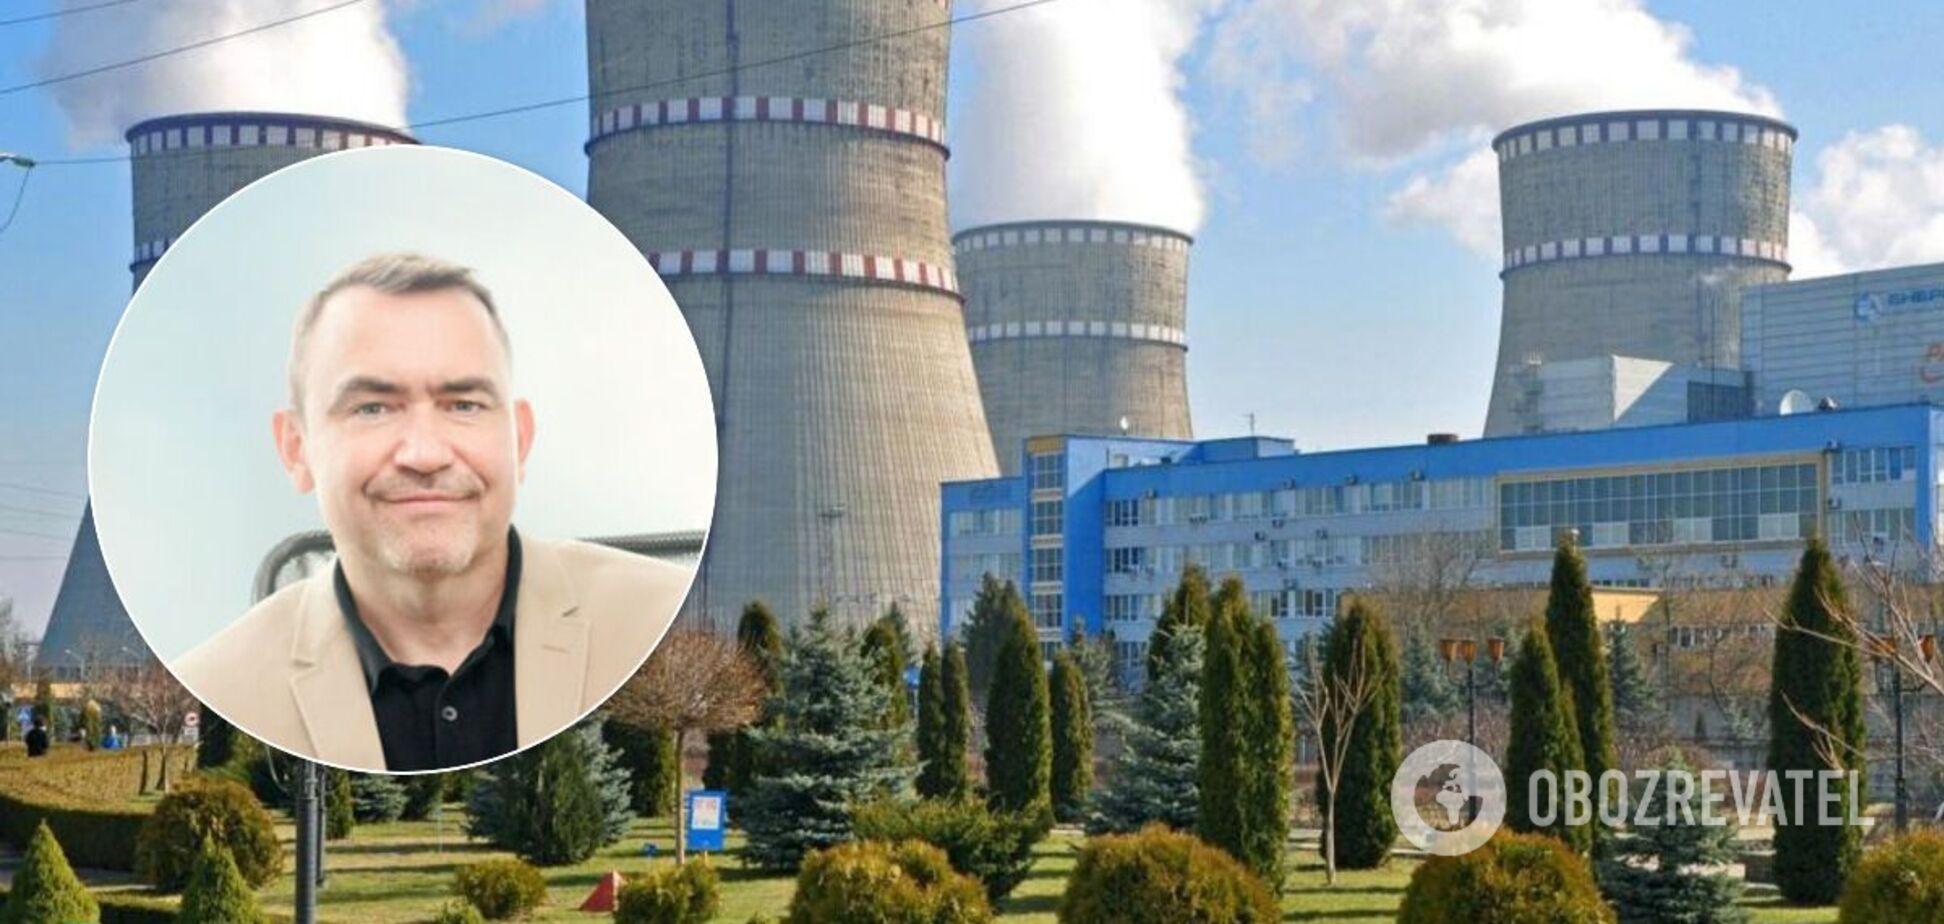 Віцепрезидент 'Енергоатому' виявився акціонером компанії-будівельника енергомосту в Крим – Гончаренко